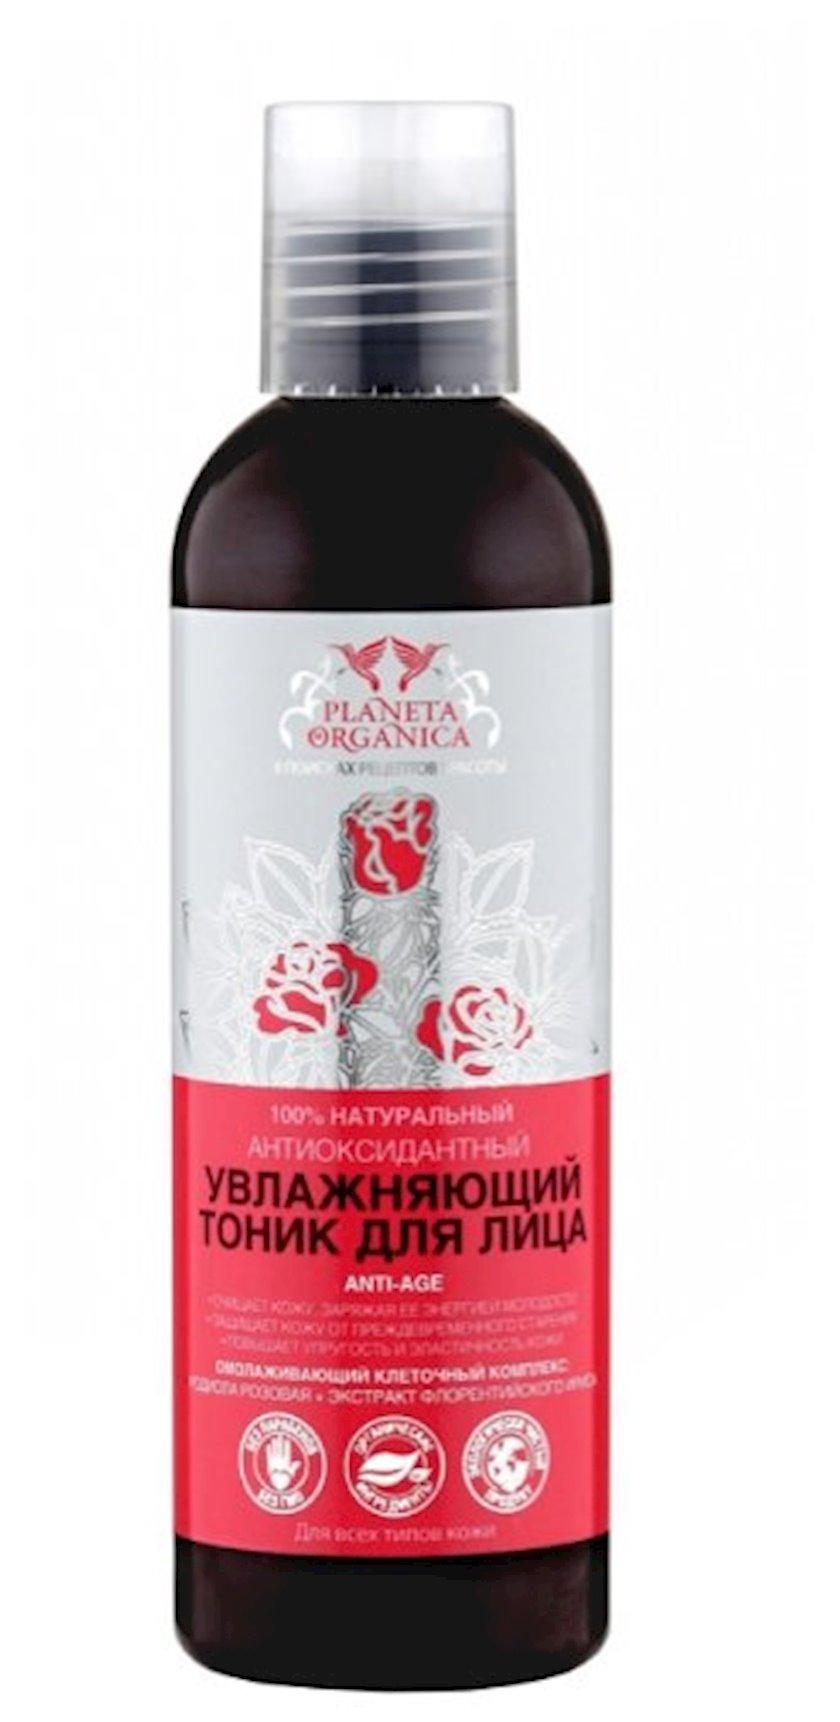 Nəmləndirici tonik üz üçün Planeta Organica 200 ml